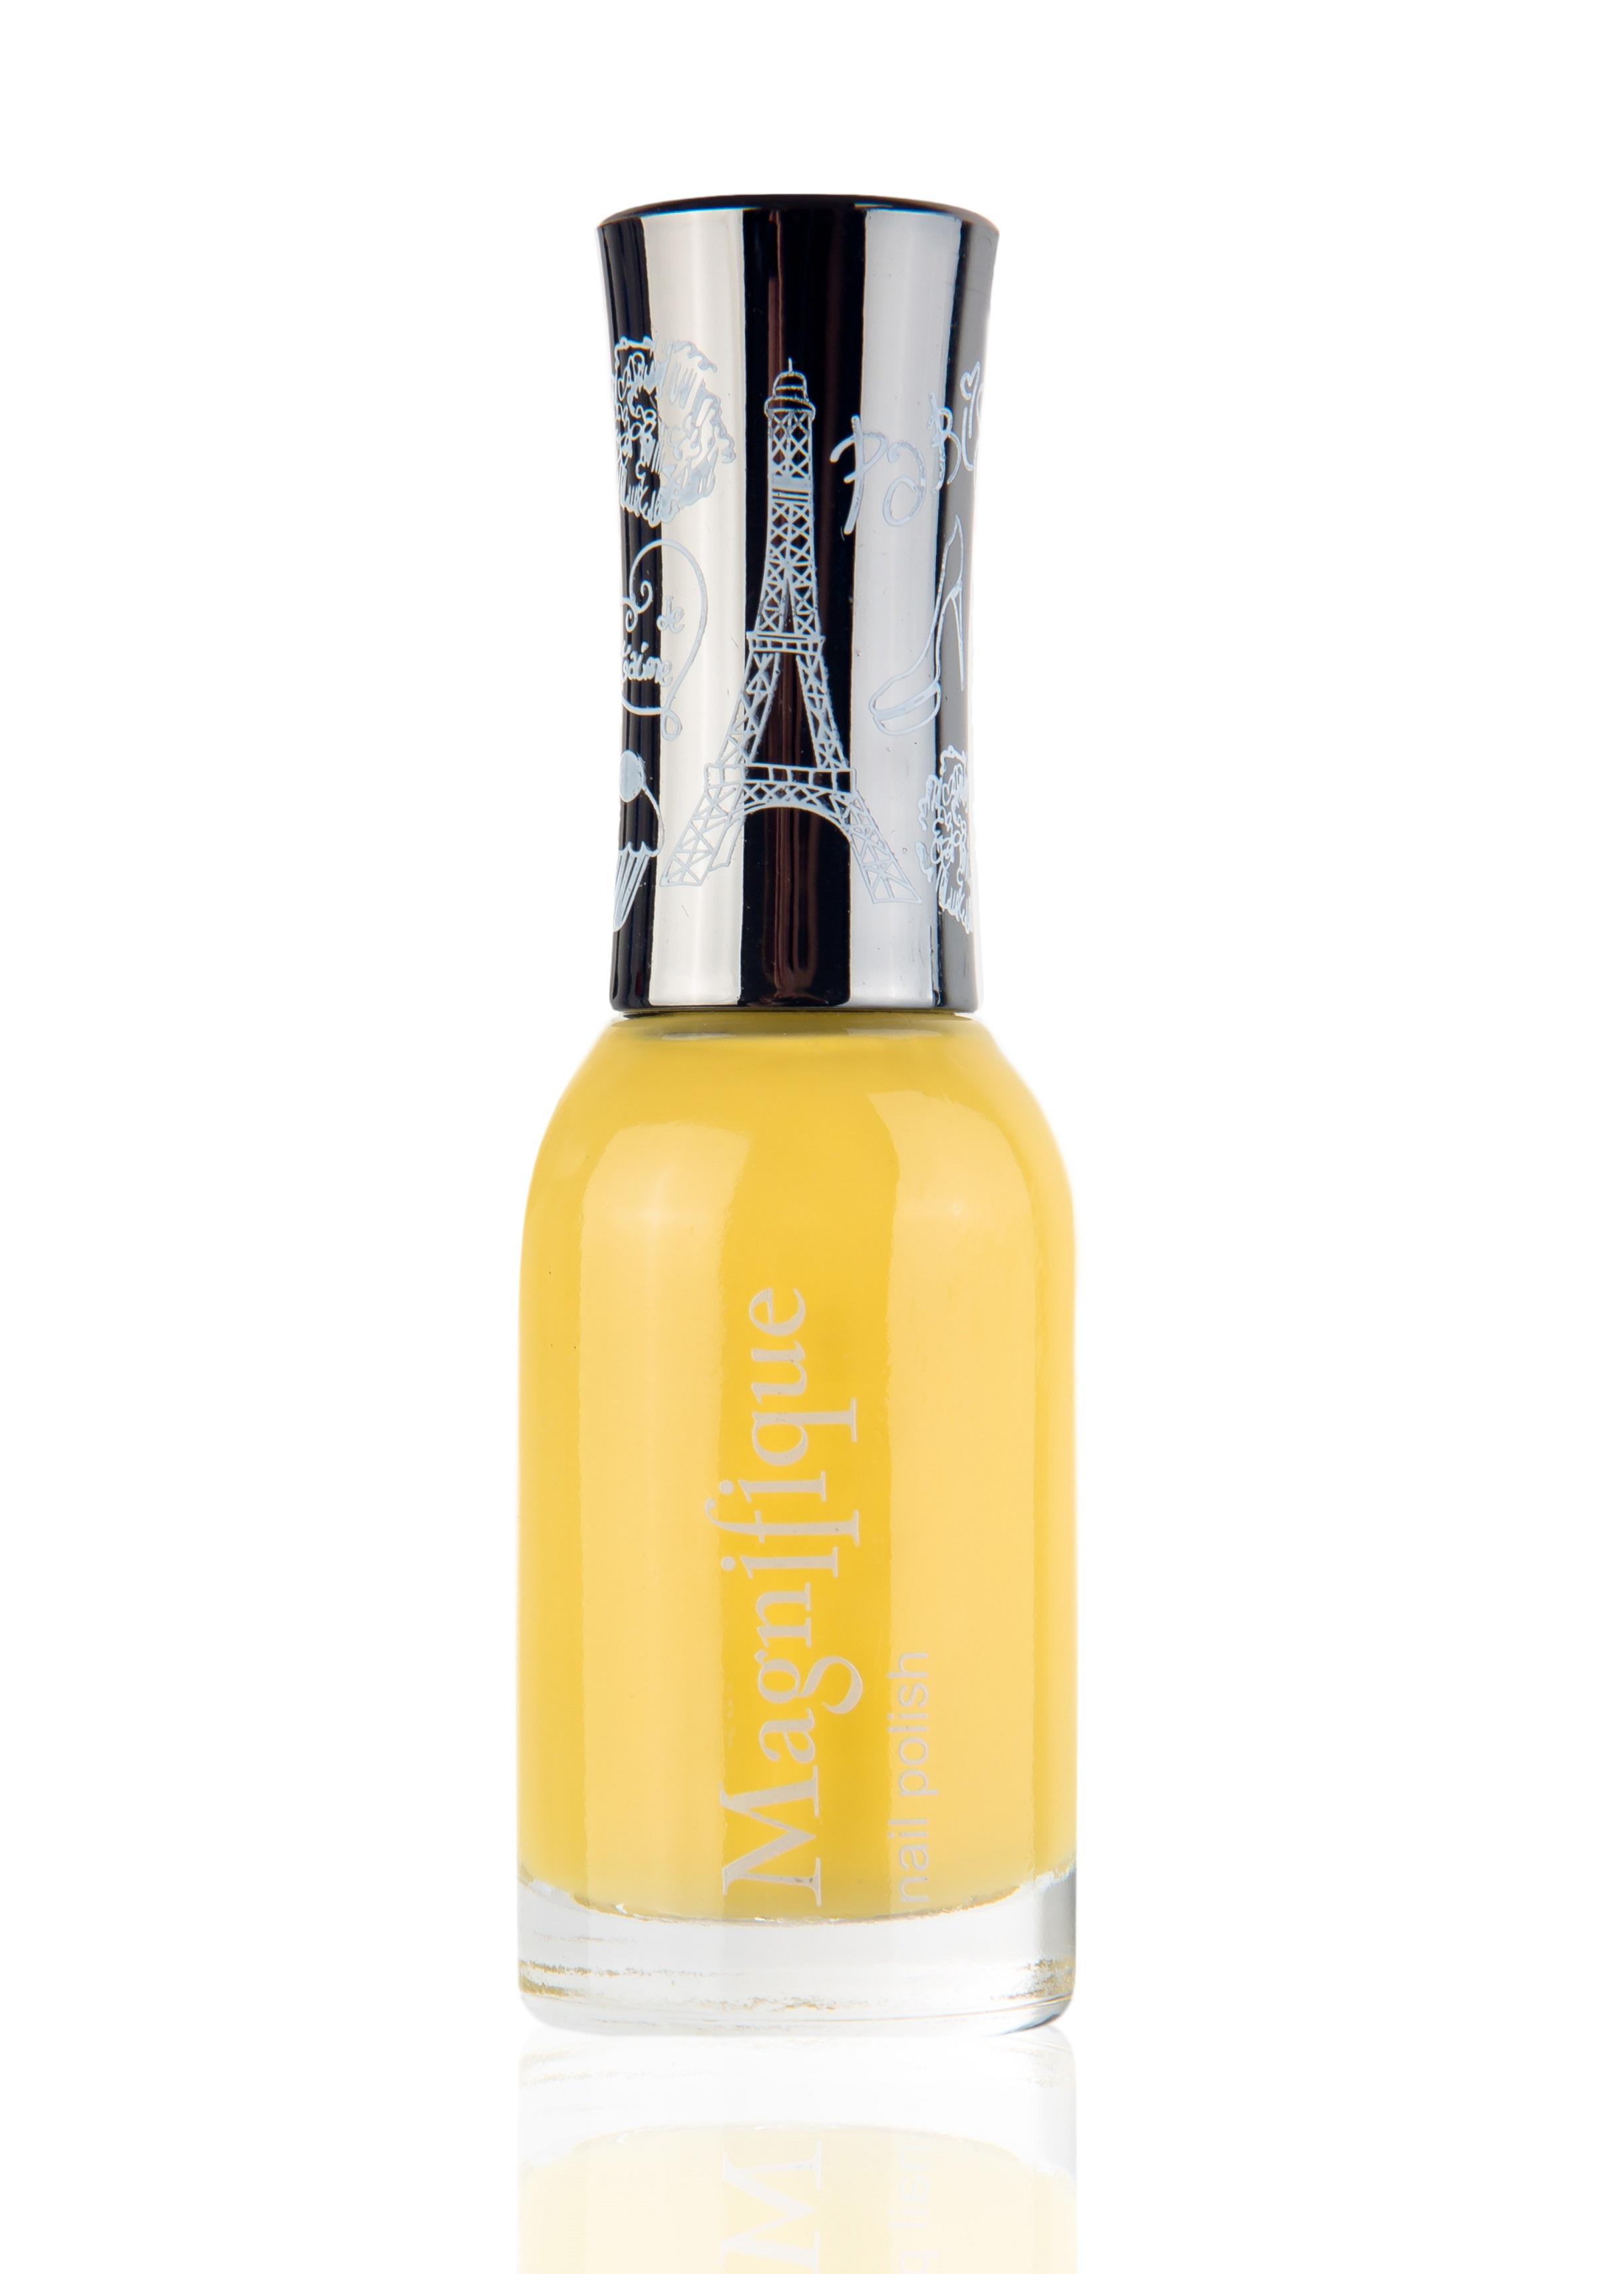 Купить AURELIA 109 лак для ногтей / Magnifique GEL effect 13 мл, Желтые